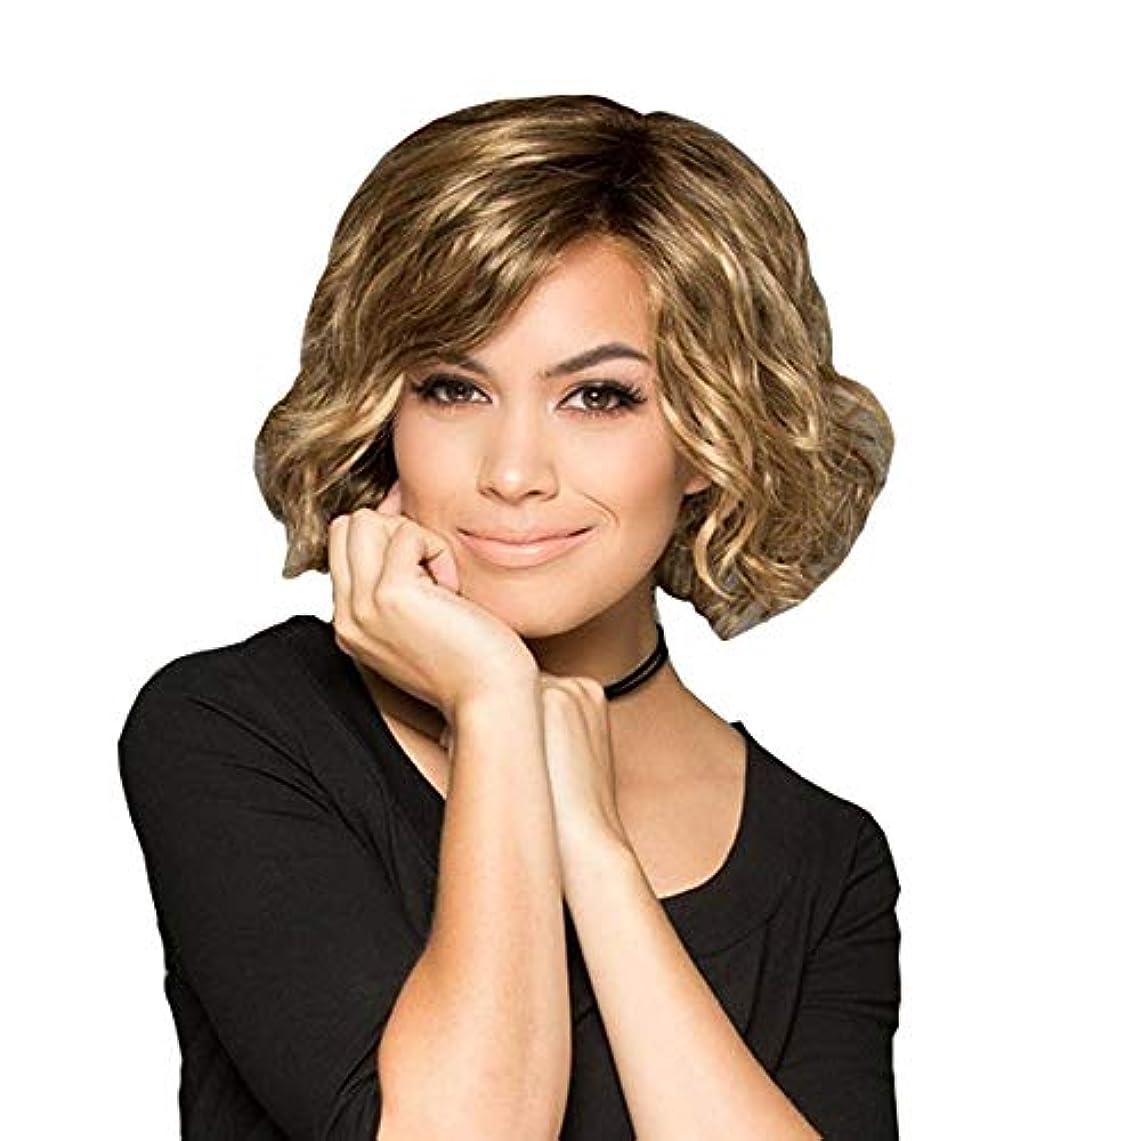 十比喩修復YOUQIU 前髪かつらを持つ女性人工毛のためにブロンド髪ショートボブウィッグ (色 : A)